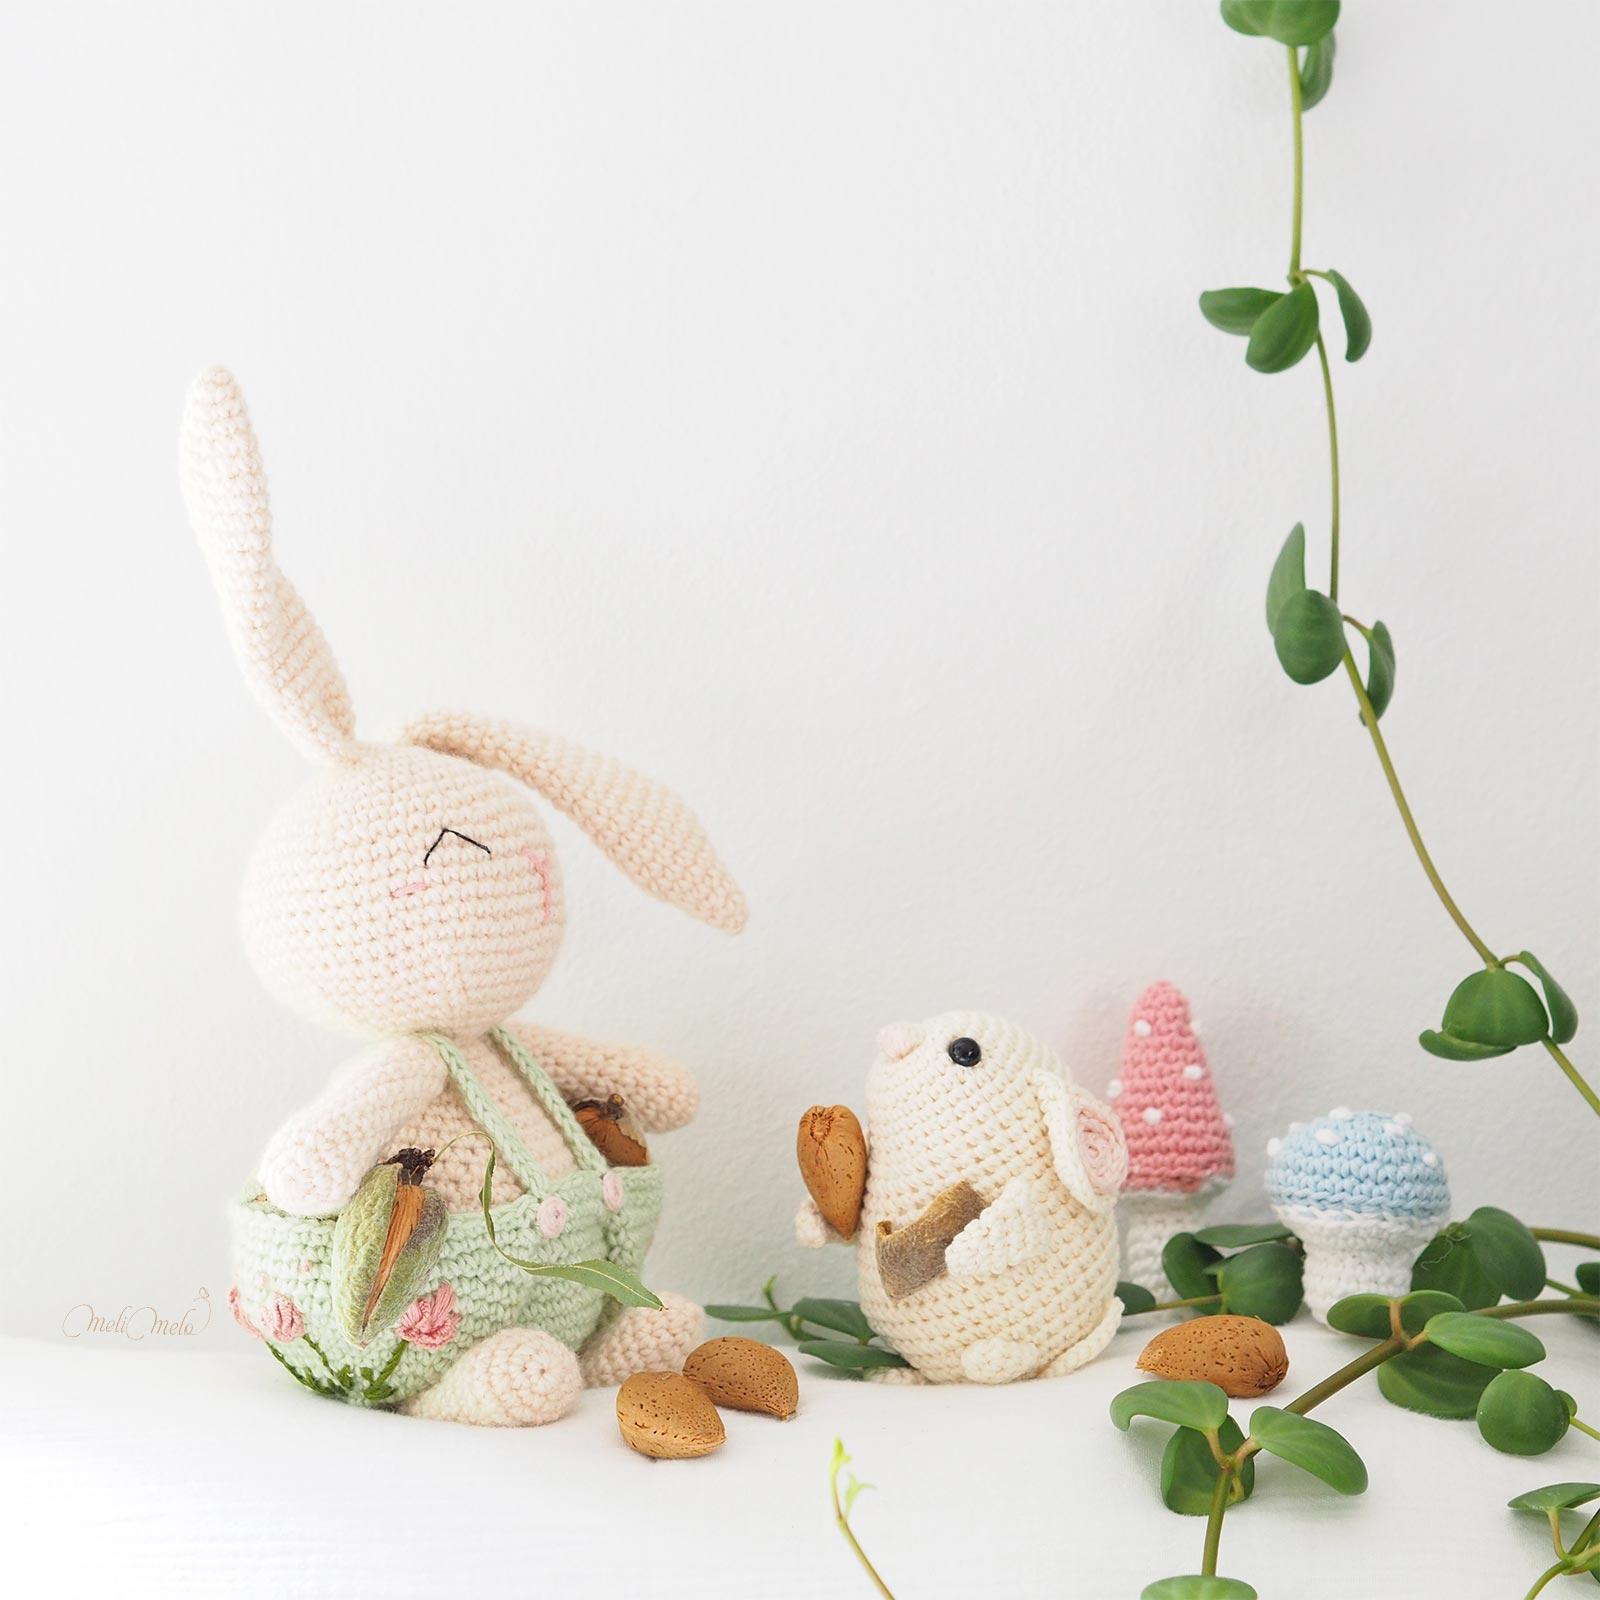 jouet-artisanat-souris-lapin-champignons-amigurumi-crochet-laboutiquedemelimelo